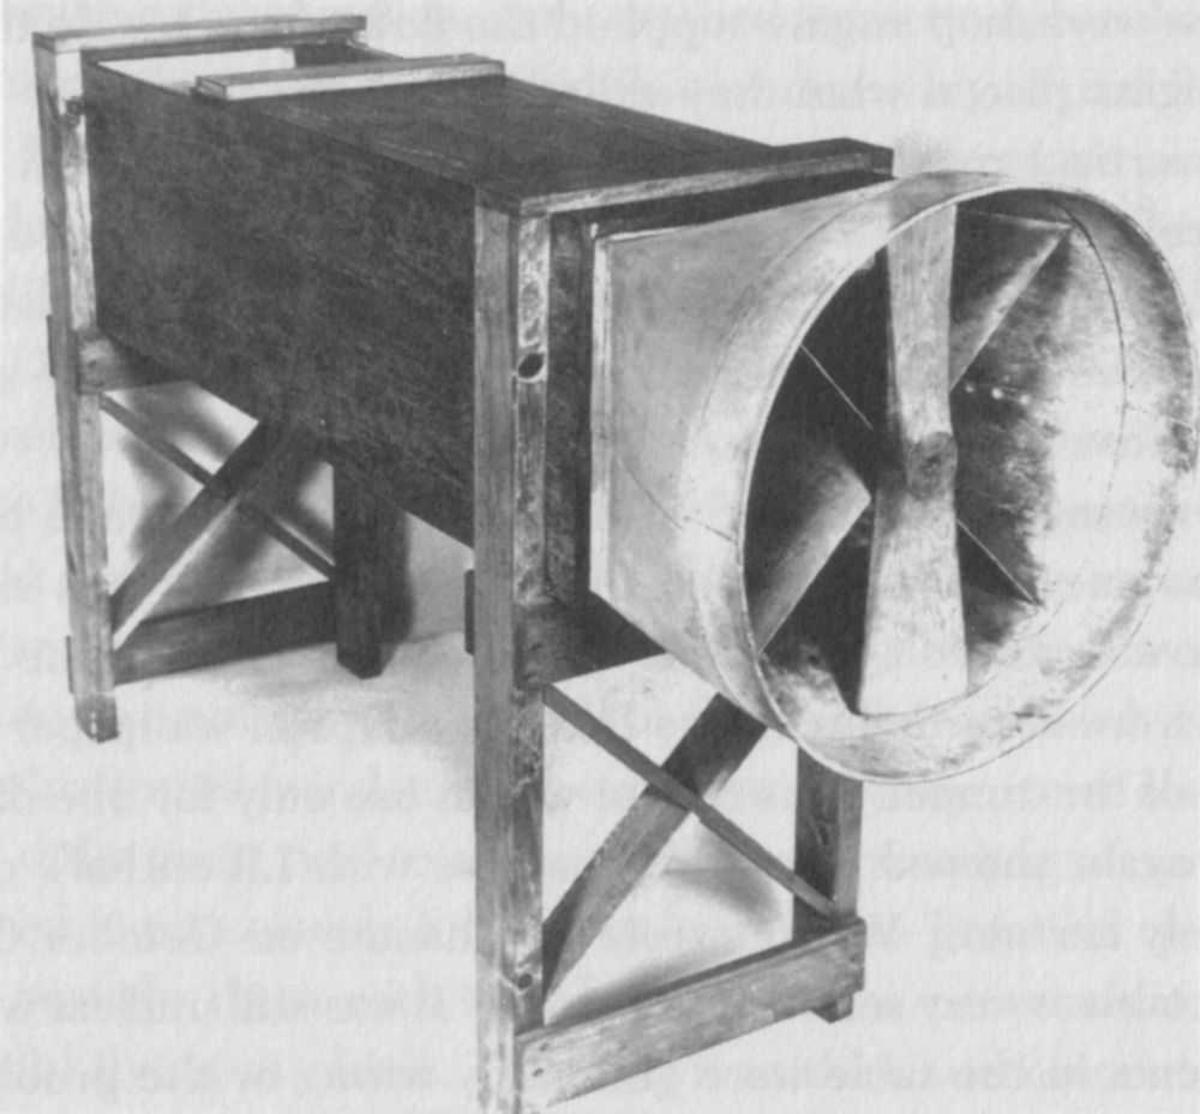 Vifte av eldre type. (utstyr i forbindelse med luftfart).